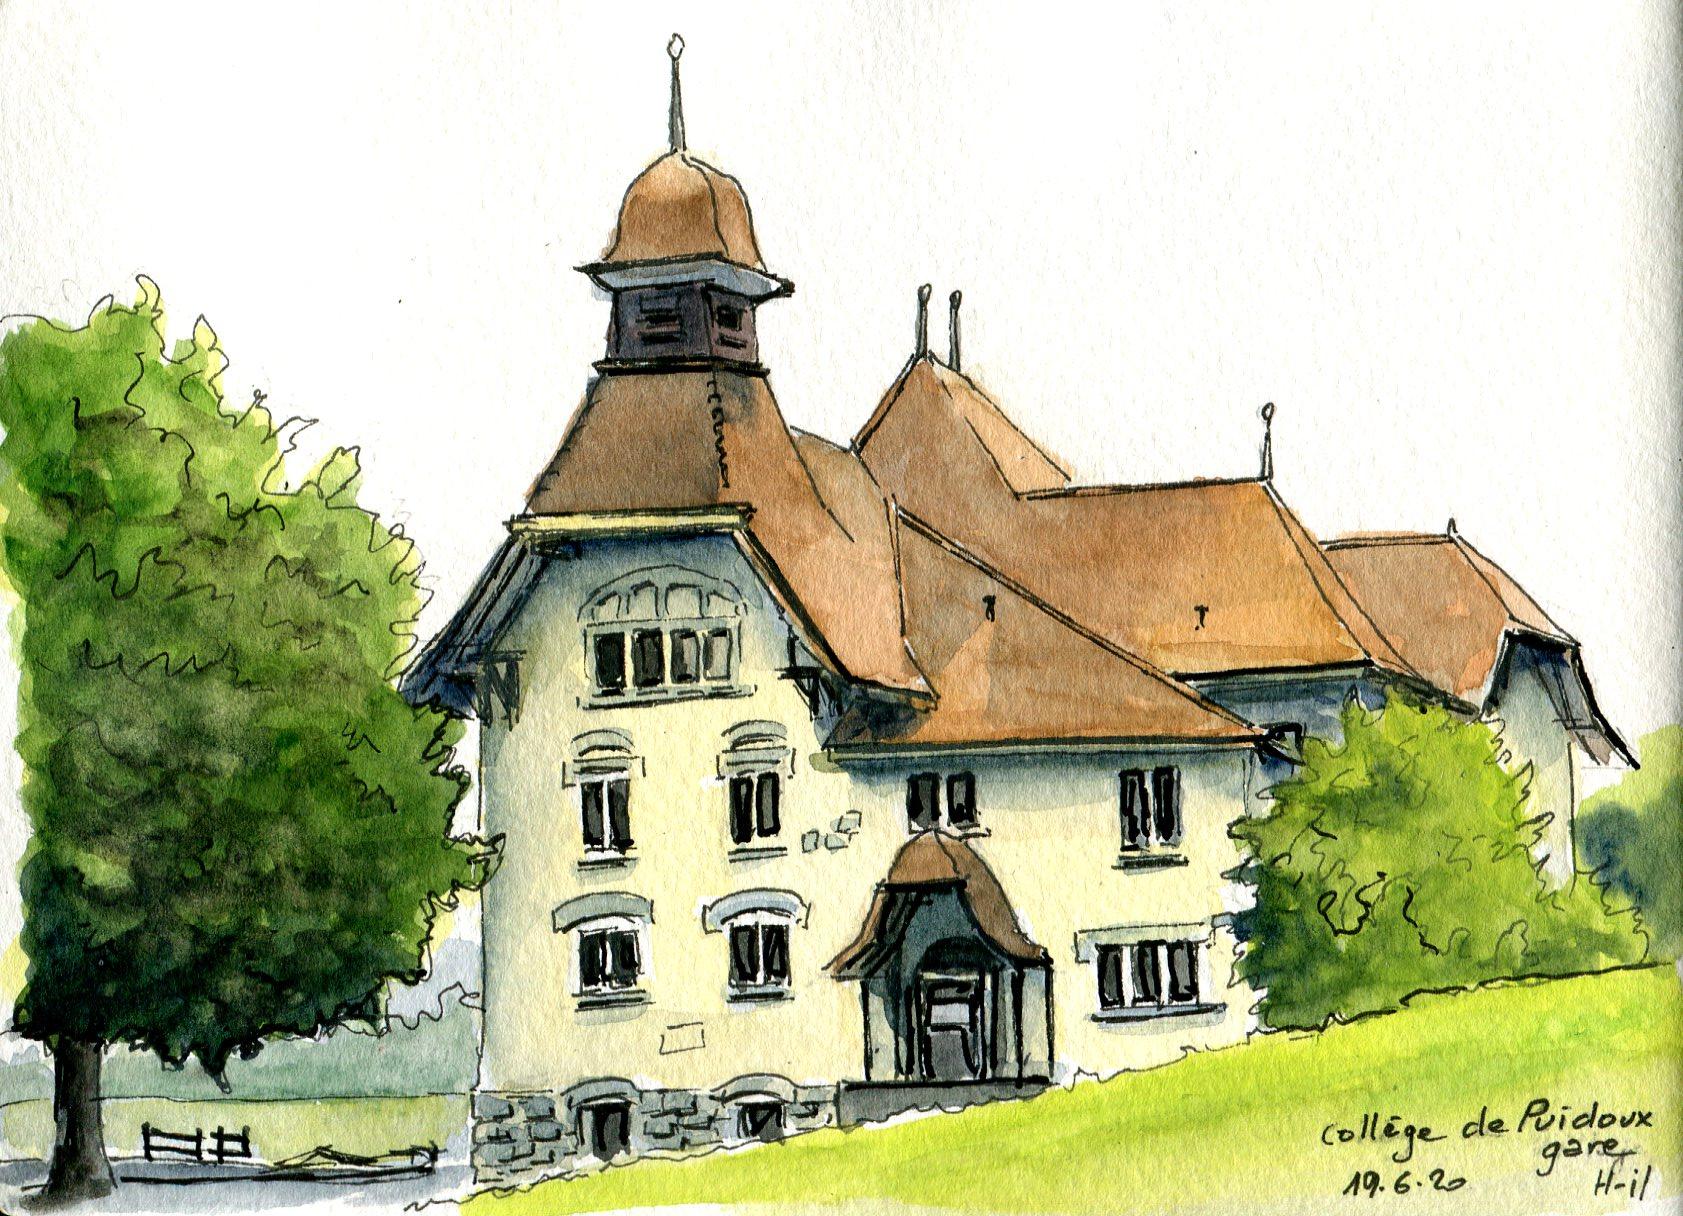 Collège_Puidoux030